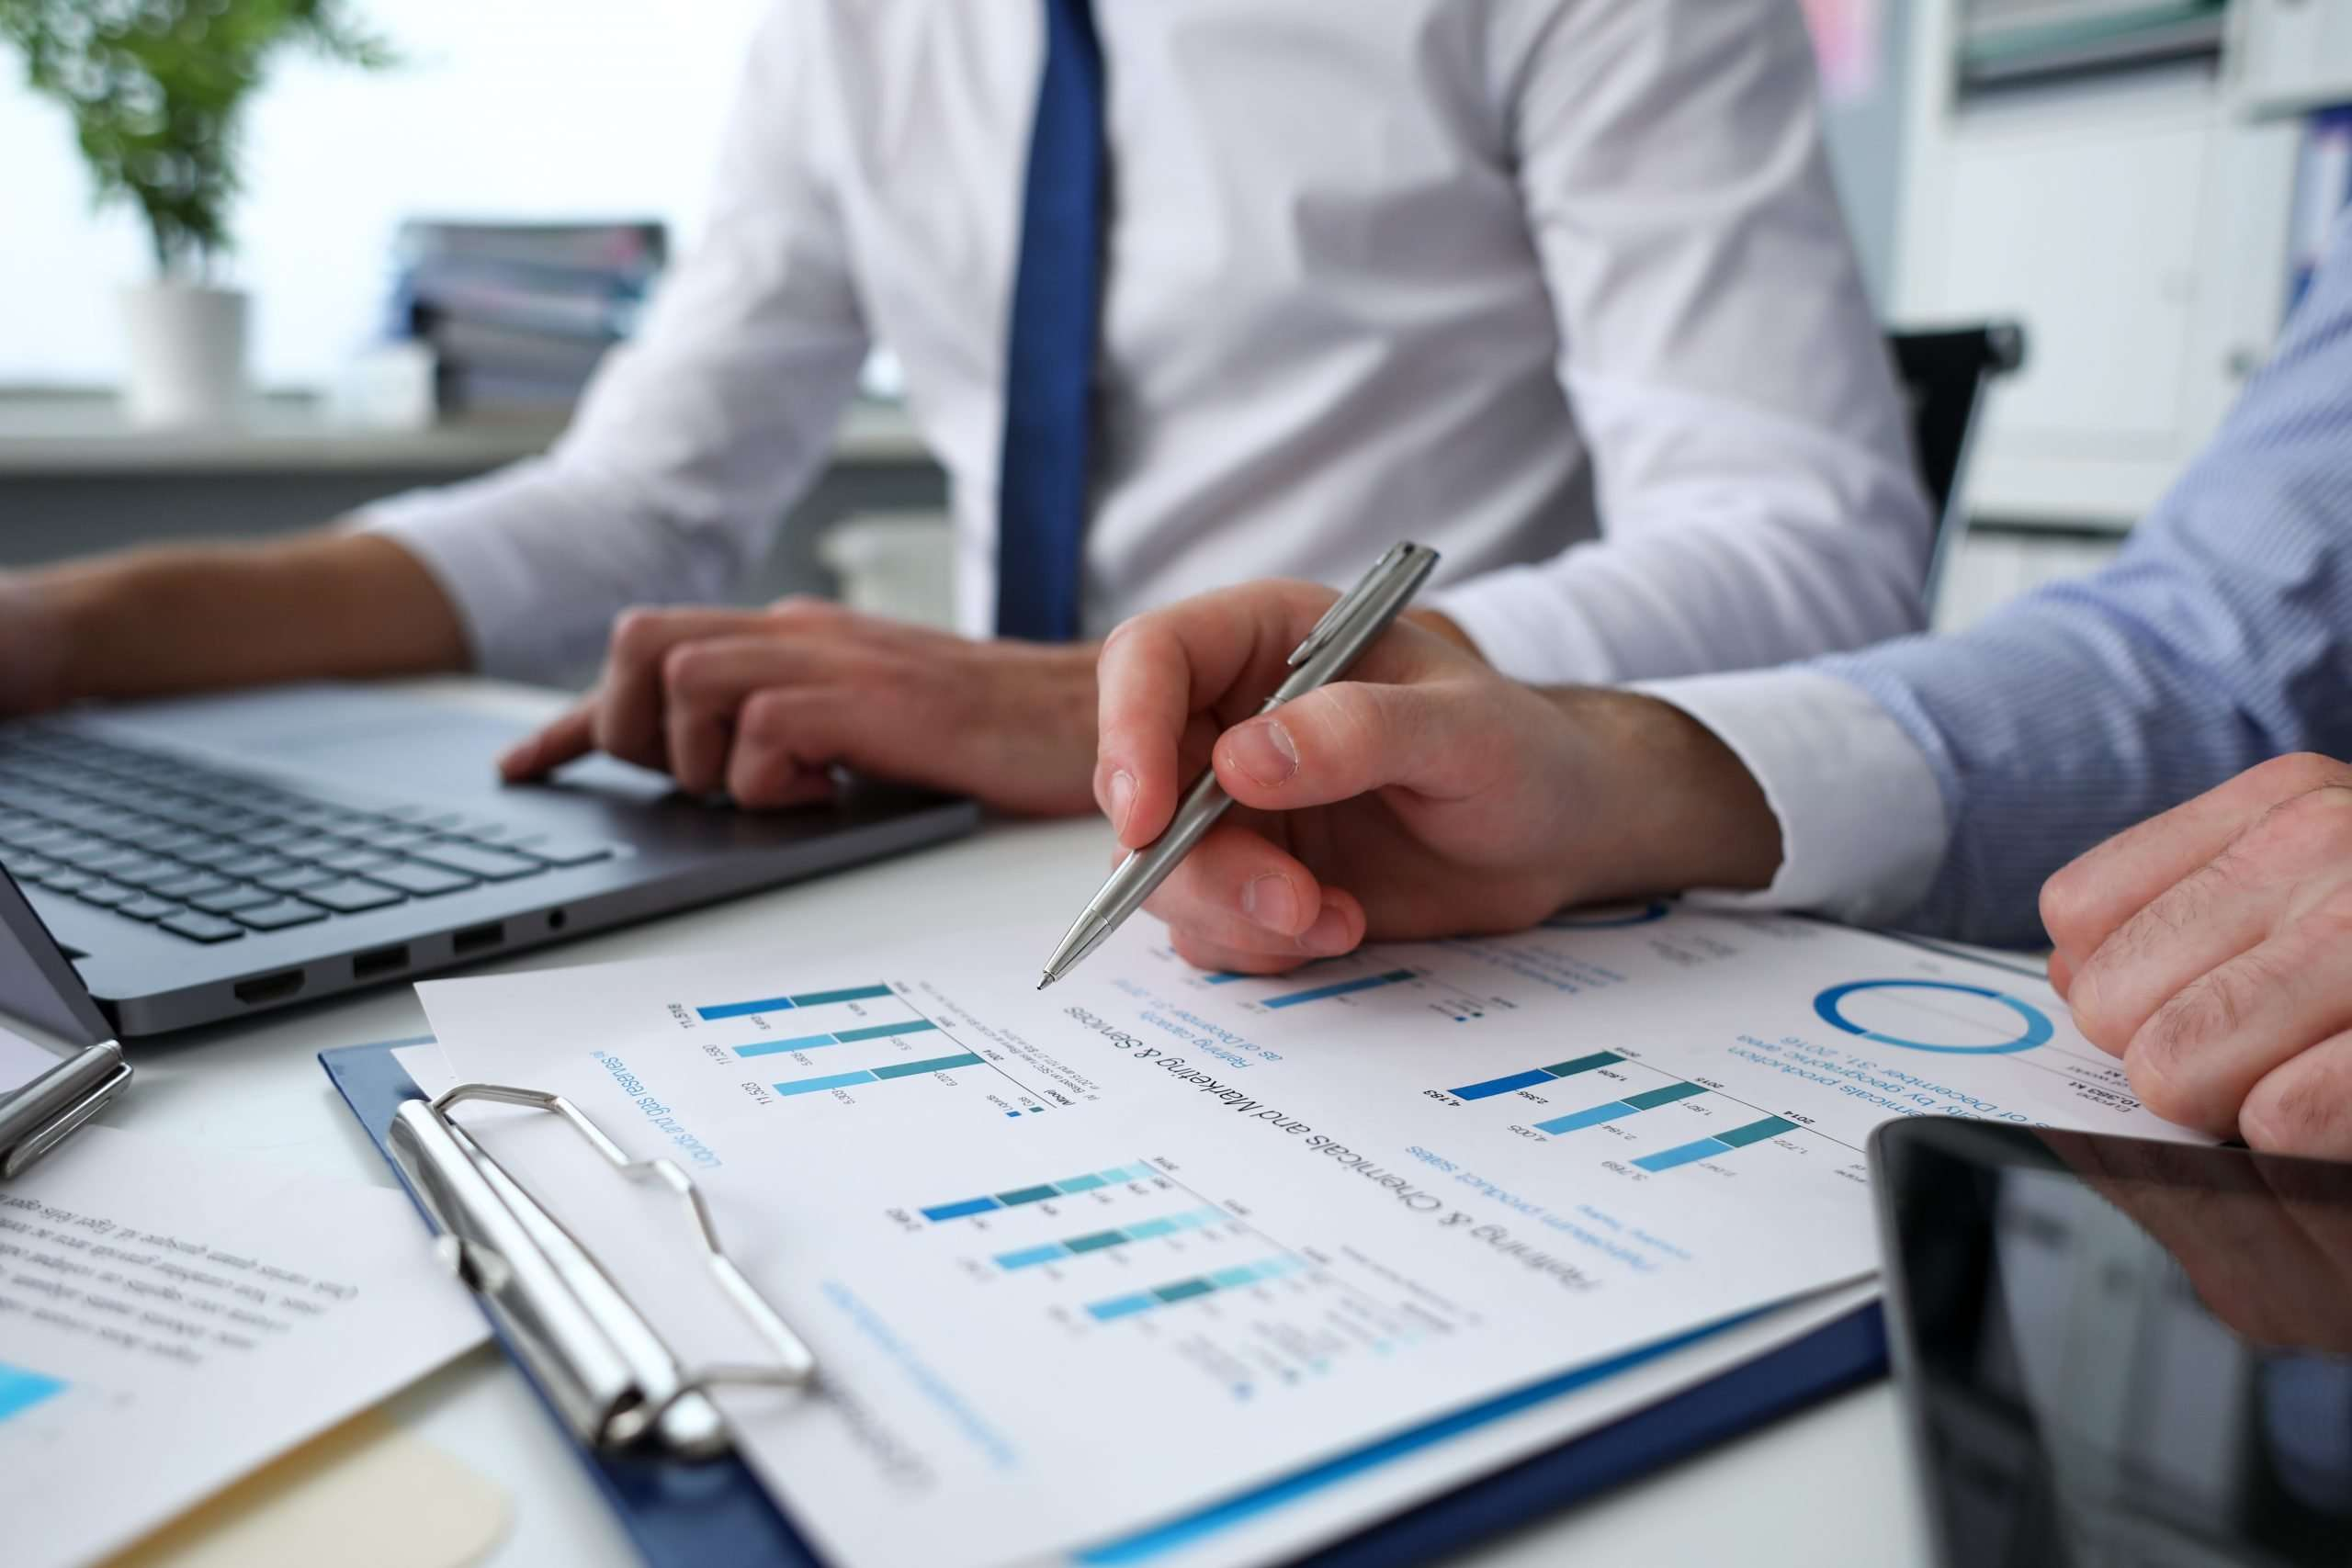 Évaluations sur Mon Compte Formation et autres moyens de valoriser votre offre